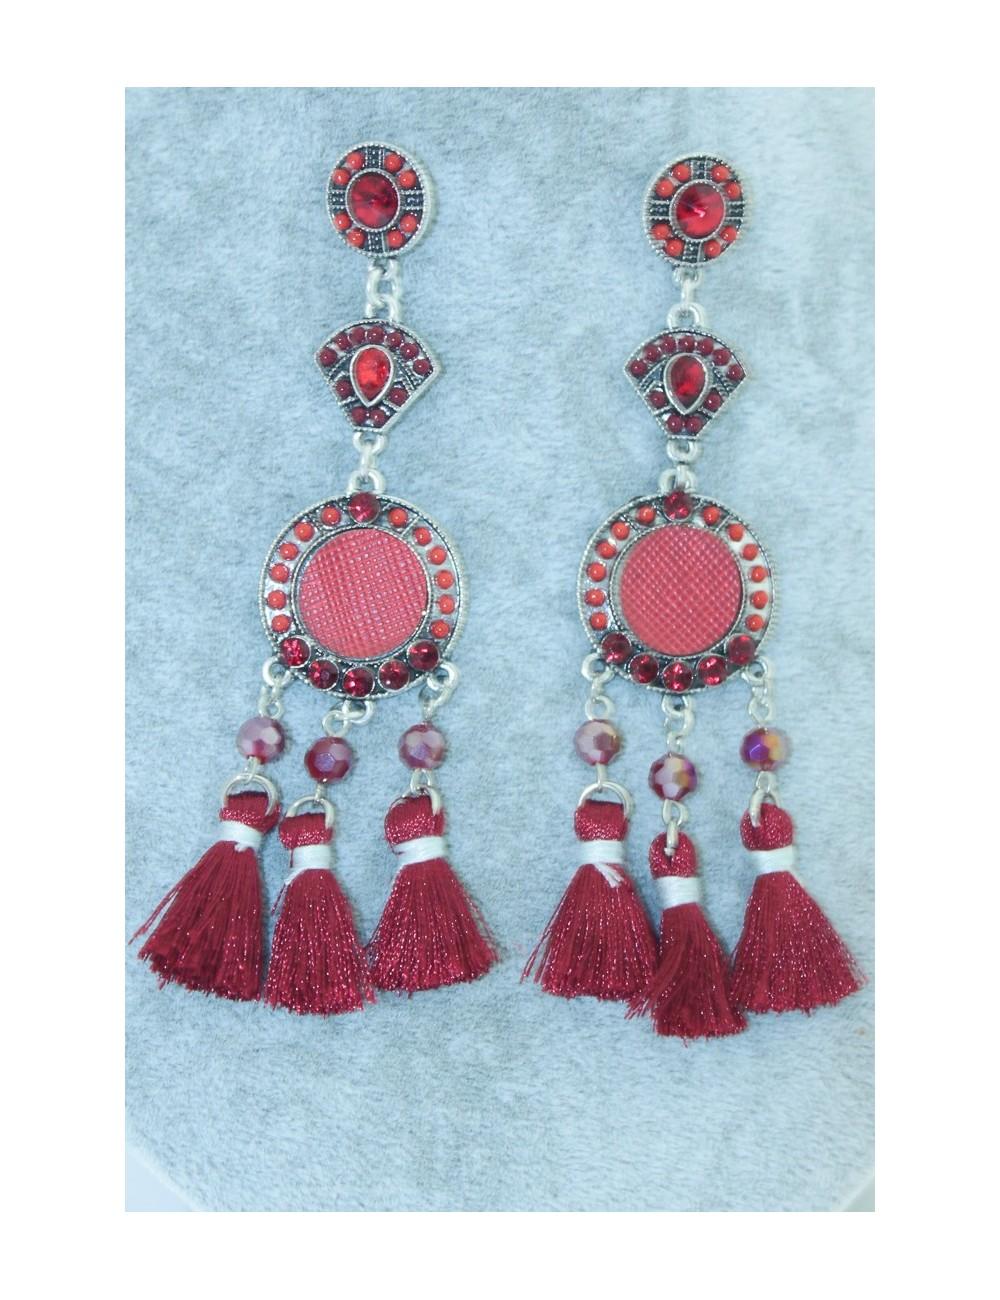 Boucles d'oreilles flamenca rouges